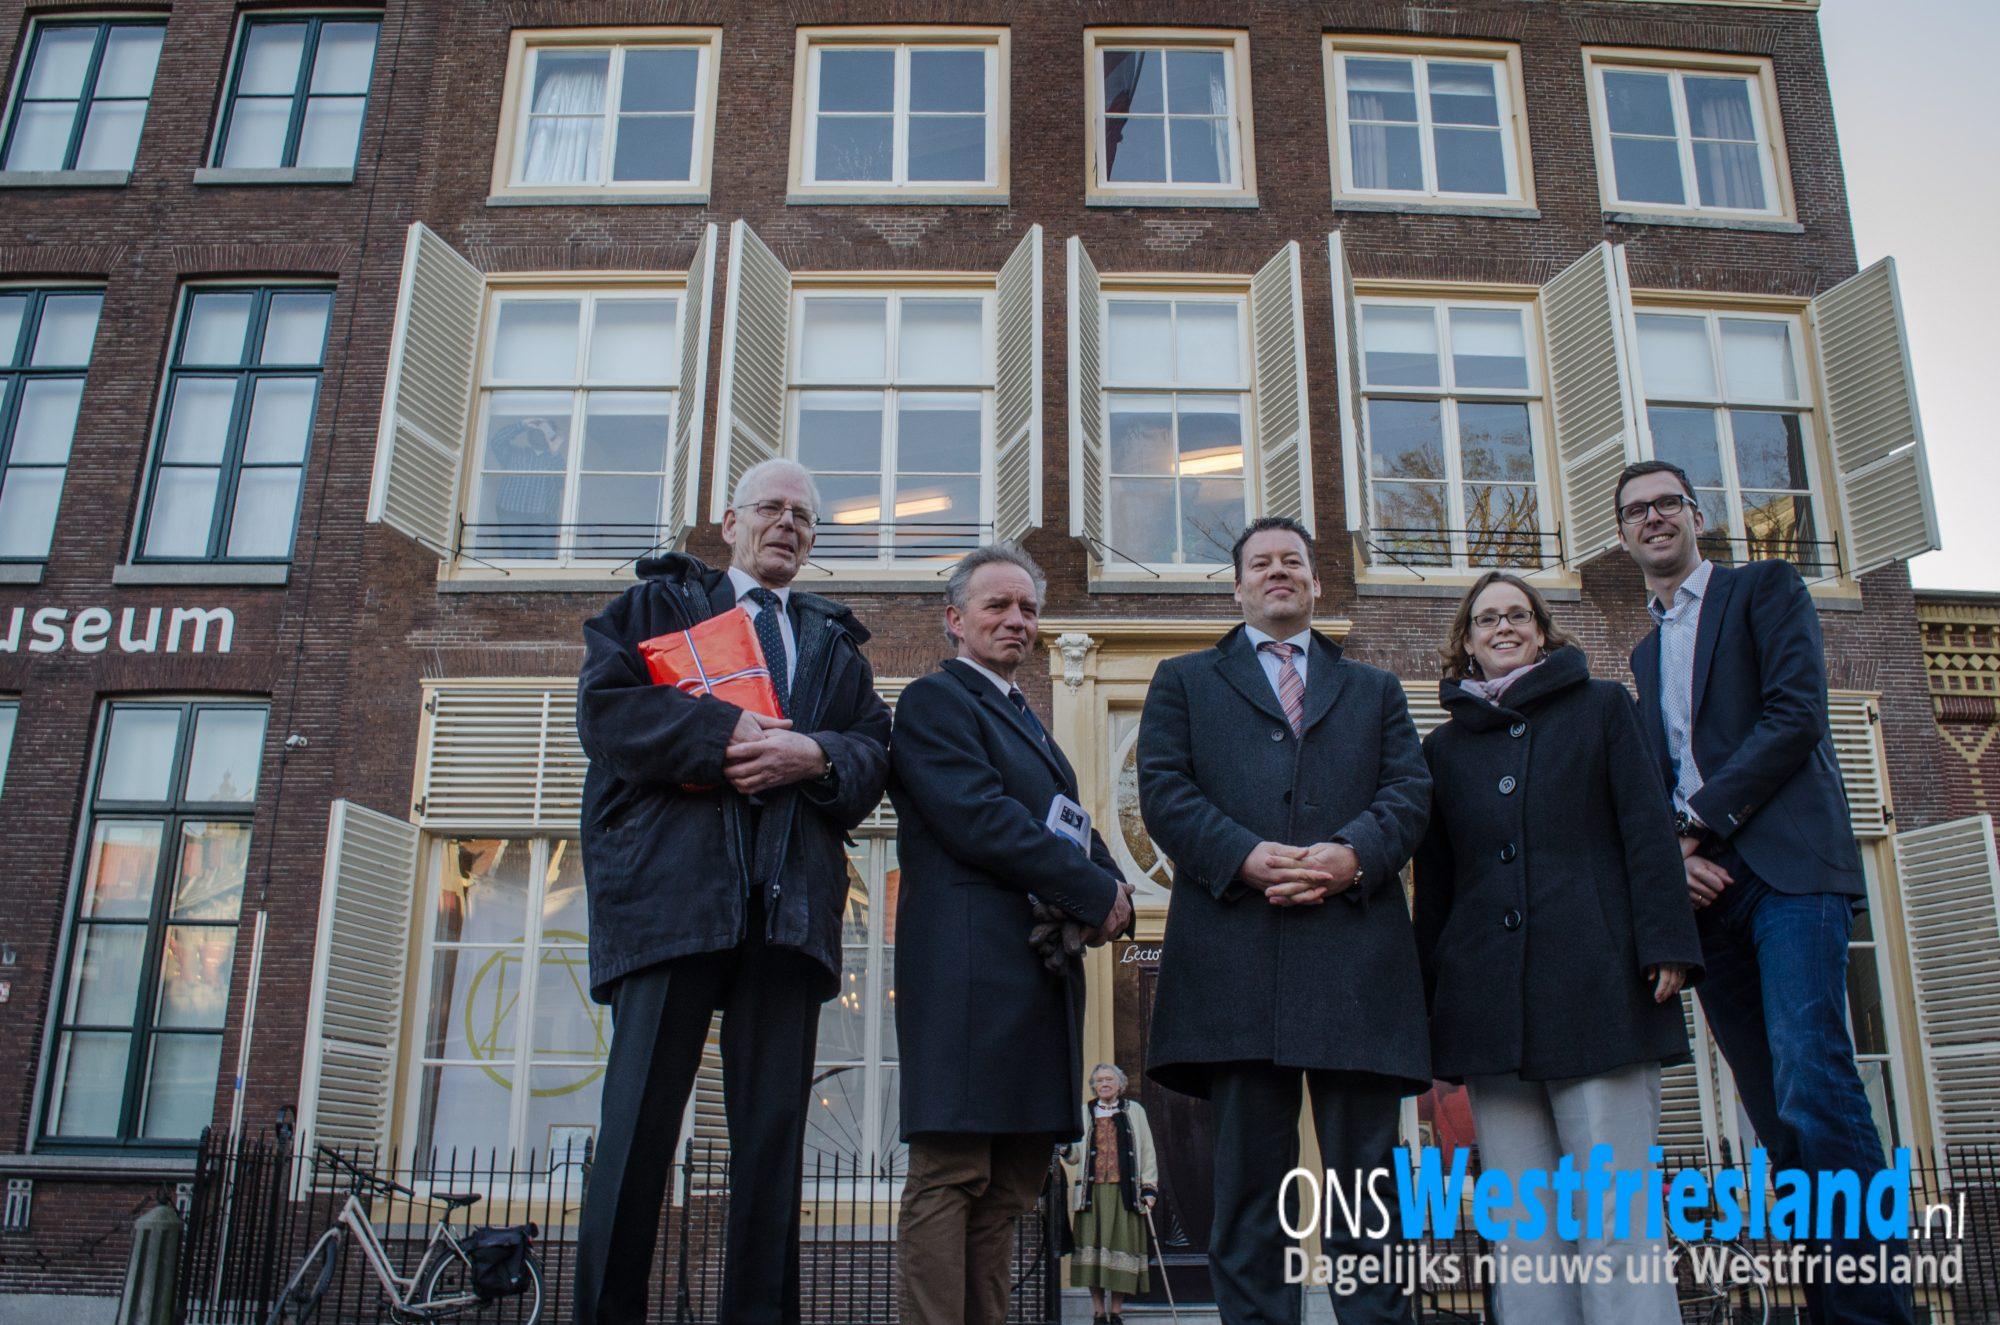 Wethouders Tap en De Jong en vertegenwoordigers van de huurder Lectorium Rosicrucianum voor het monumentale pand op de Roode Steen 15. Foto Alex Gitzels